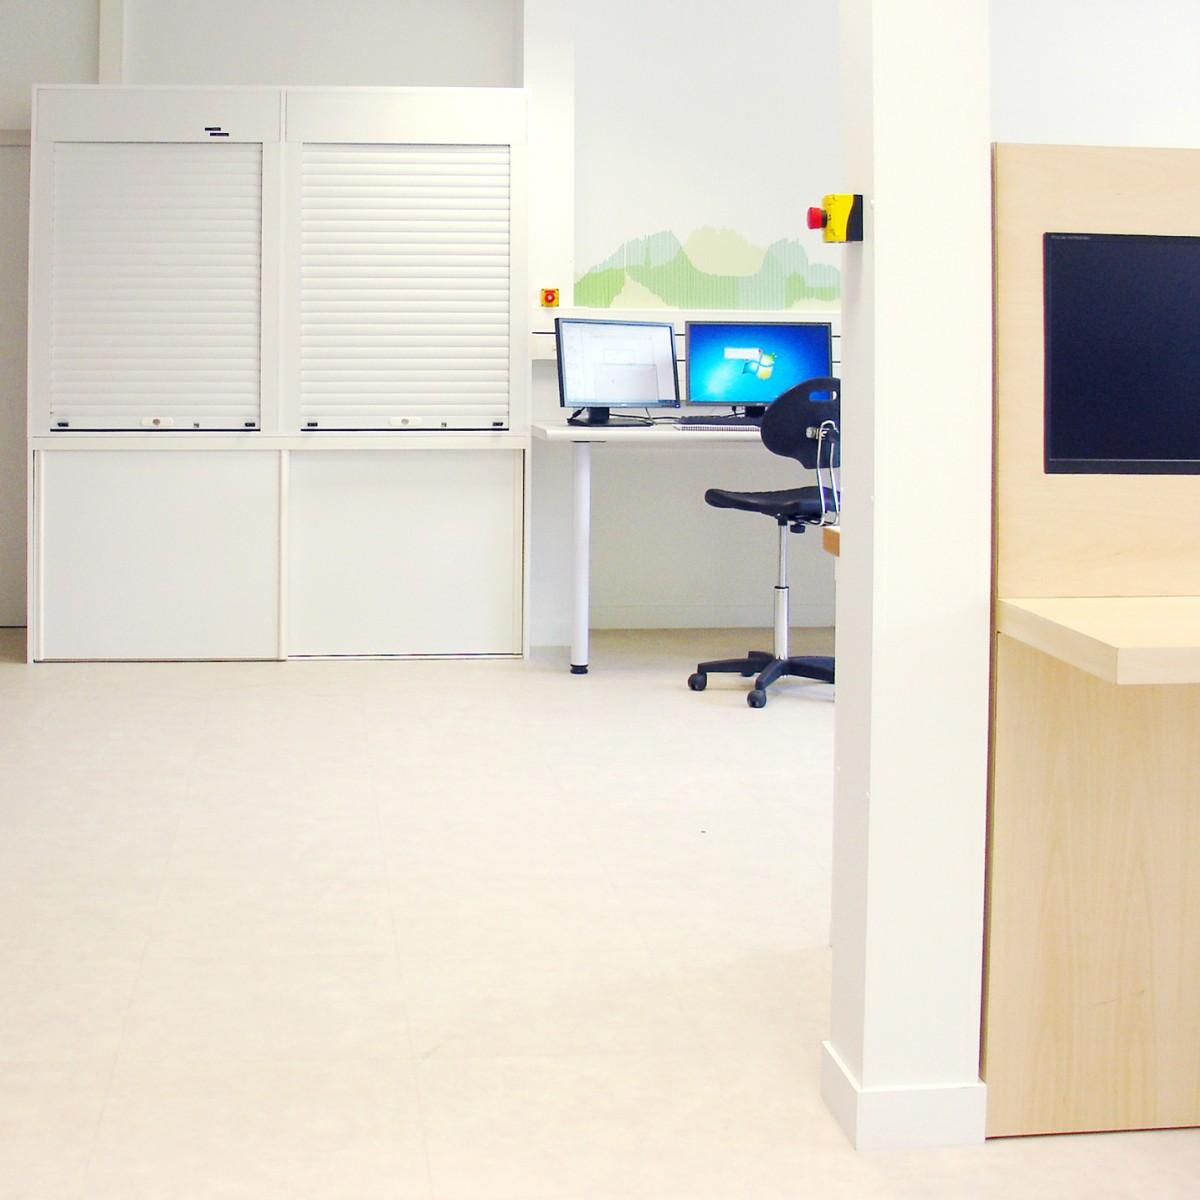 architecture d'intérieur laboratoire design franck Magné